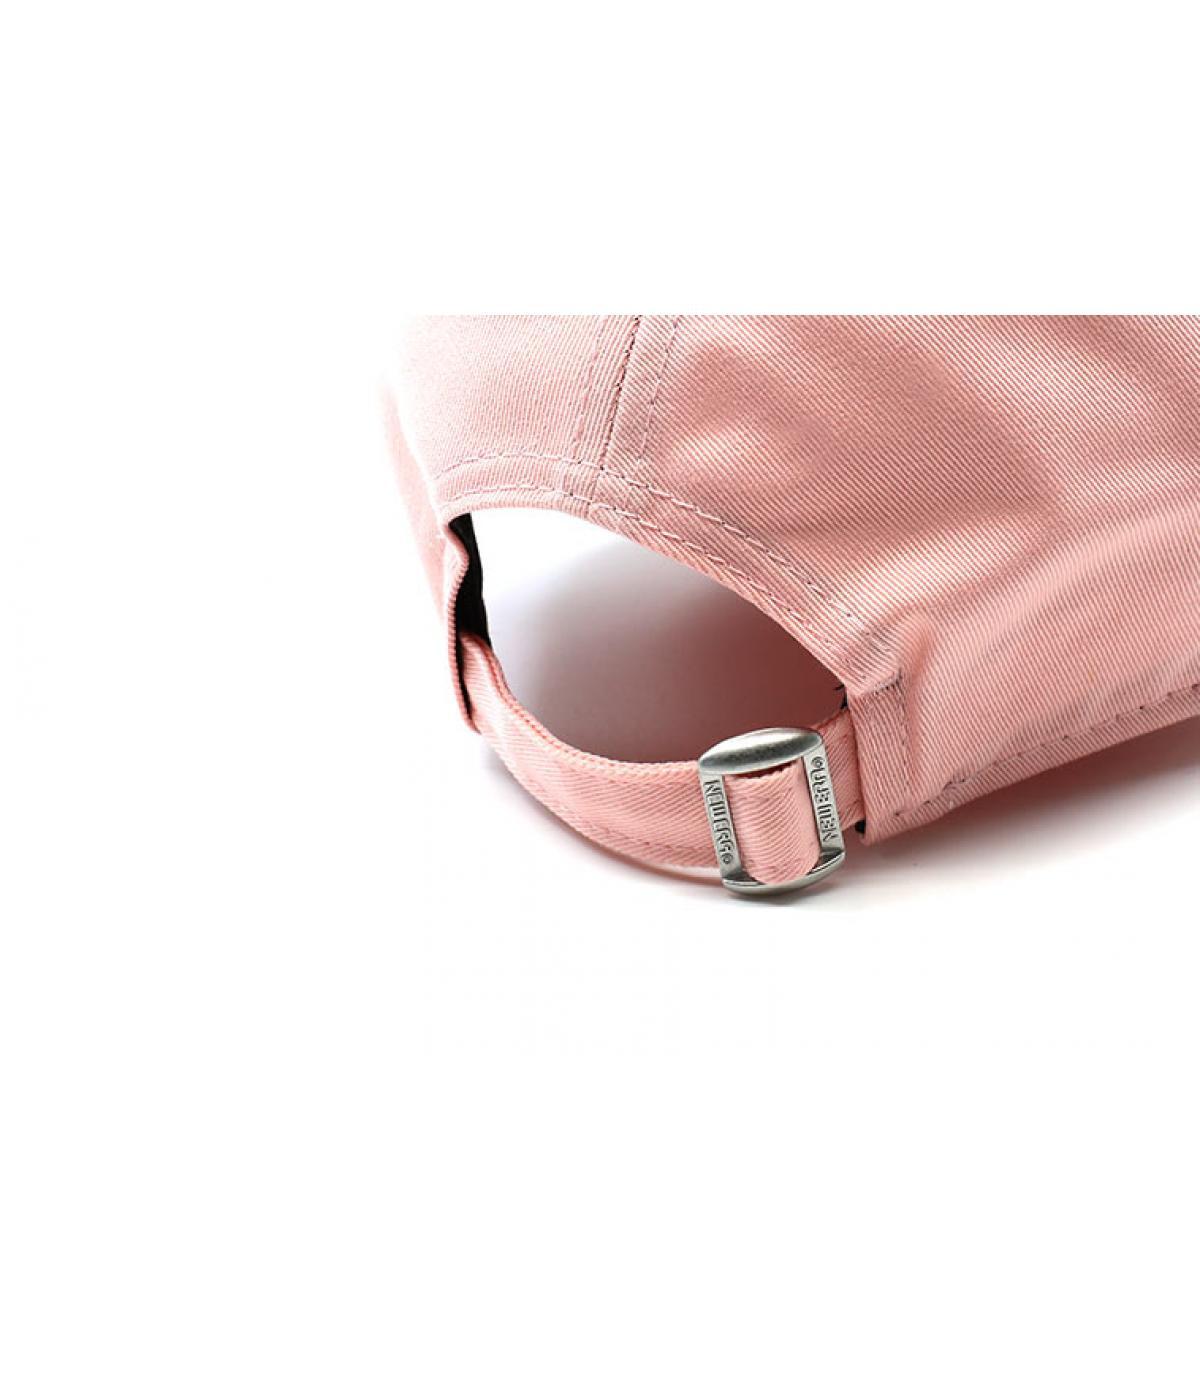 Détails Casquette League Ess 9Forty NY pink lemonade - image 5